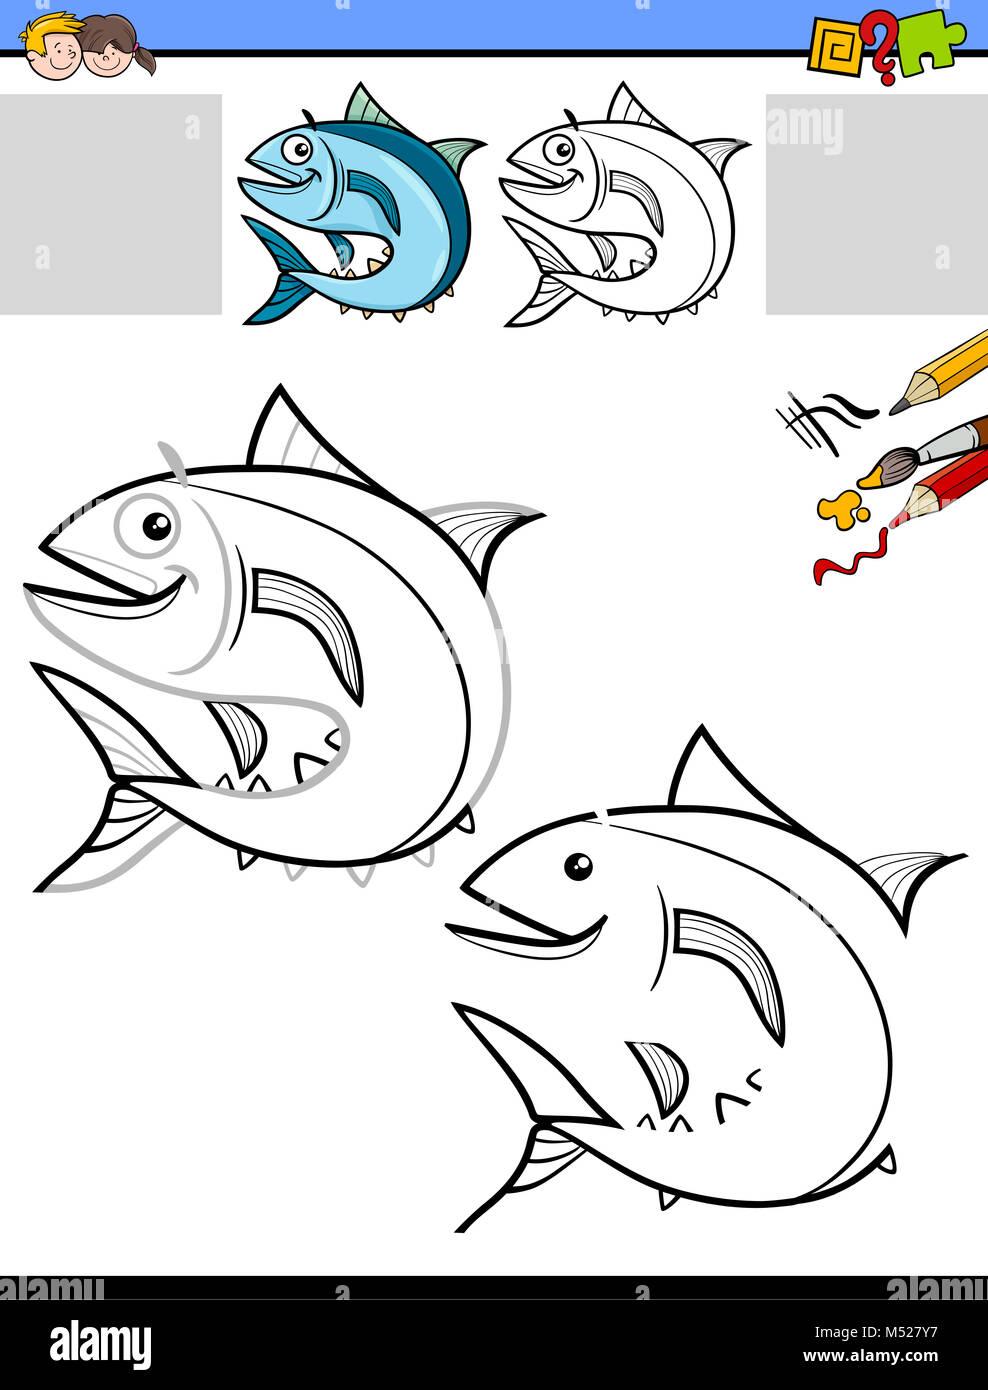 Fish Drawing Stockfotos & Fish Drawing Bilder - Alamy